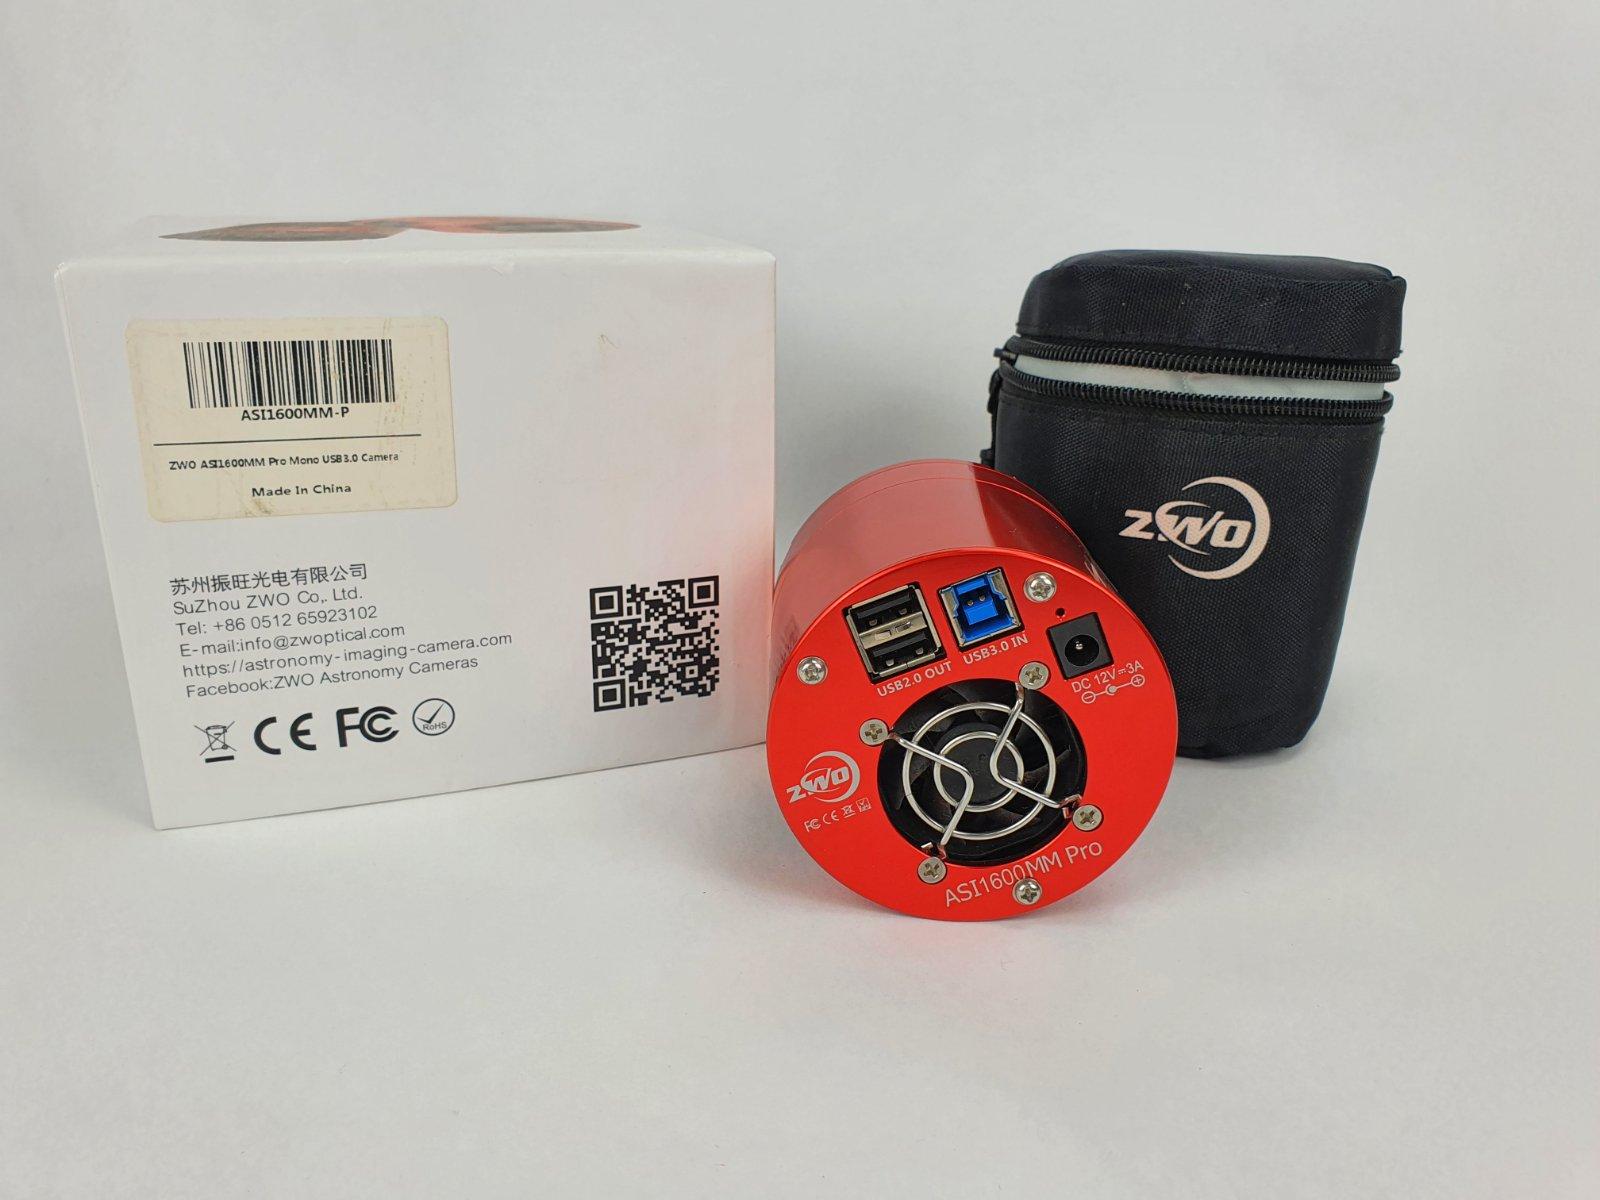 ZW Optical ASI 1600 MM Pro USB3.0 Camera Astronomica monocromatica- usato, condizioni pari al nuovo